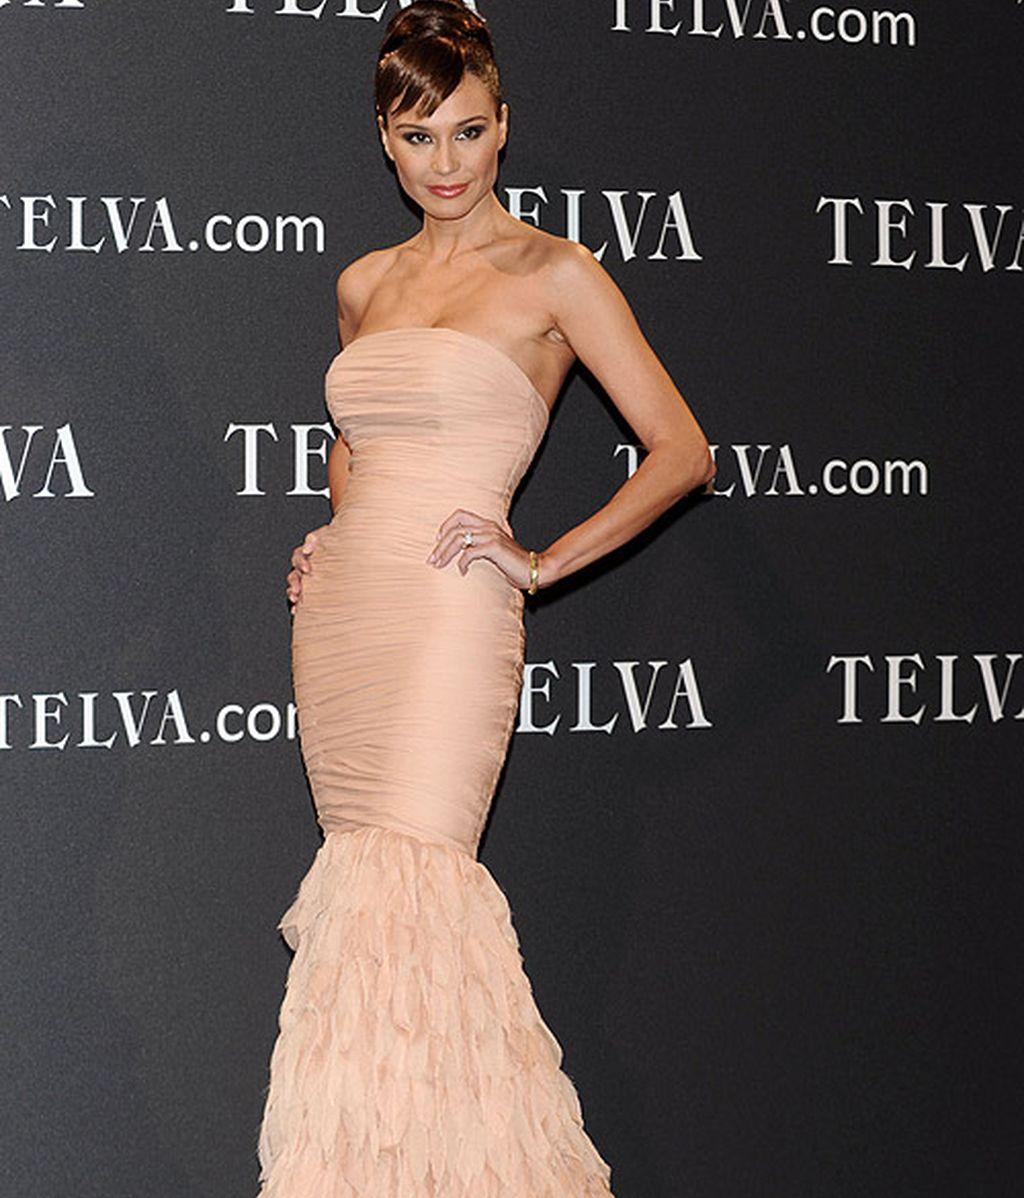 Premios Telva 2011